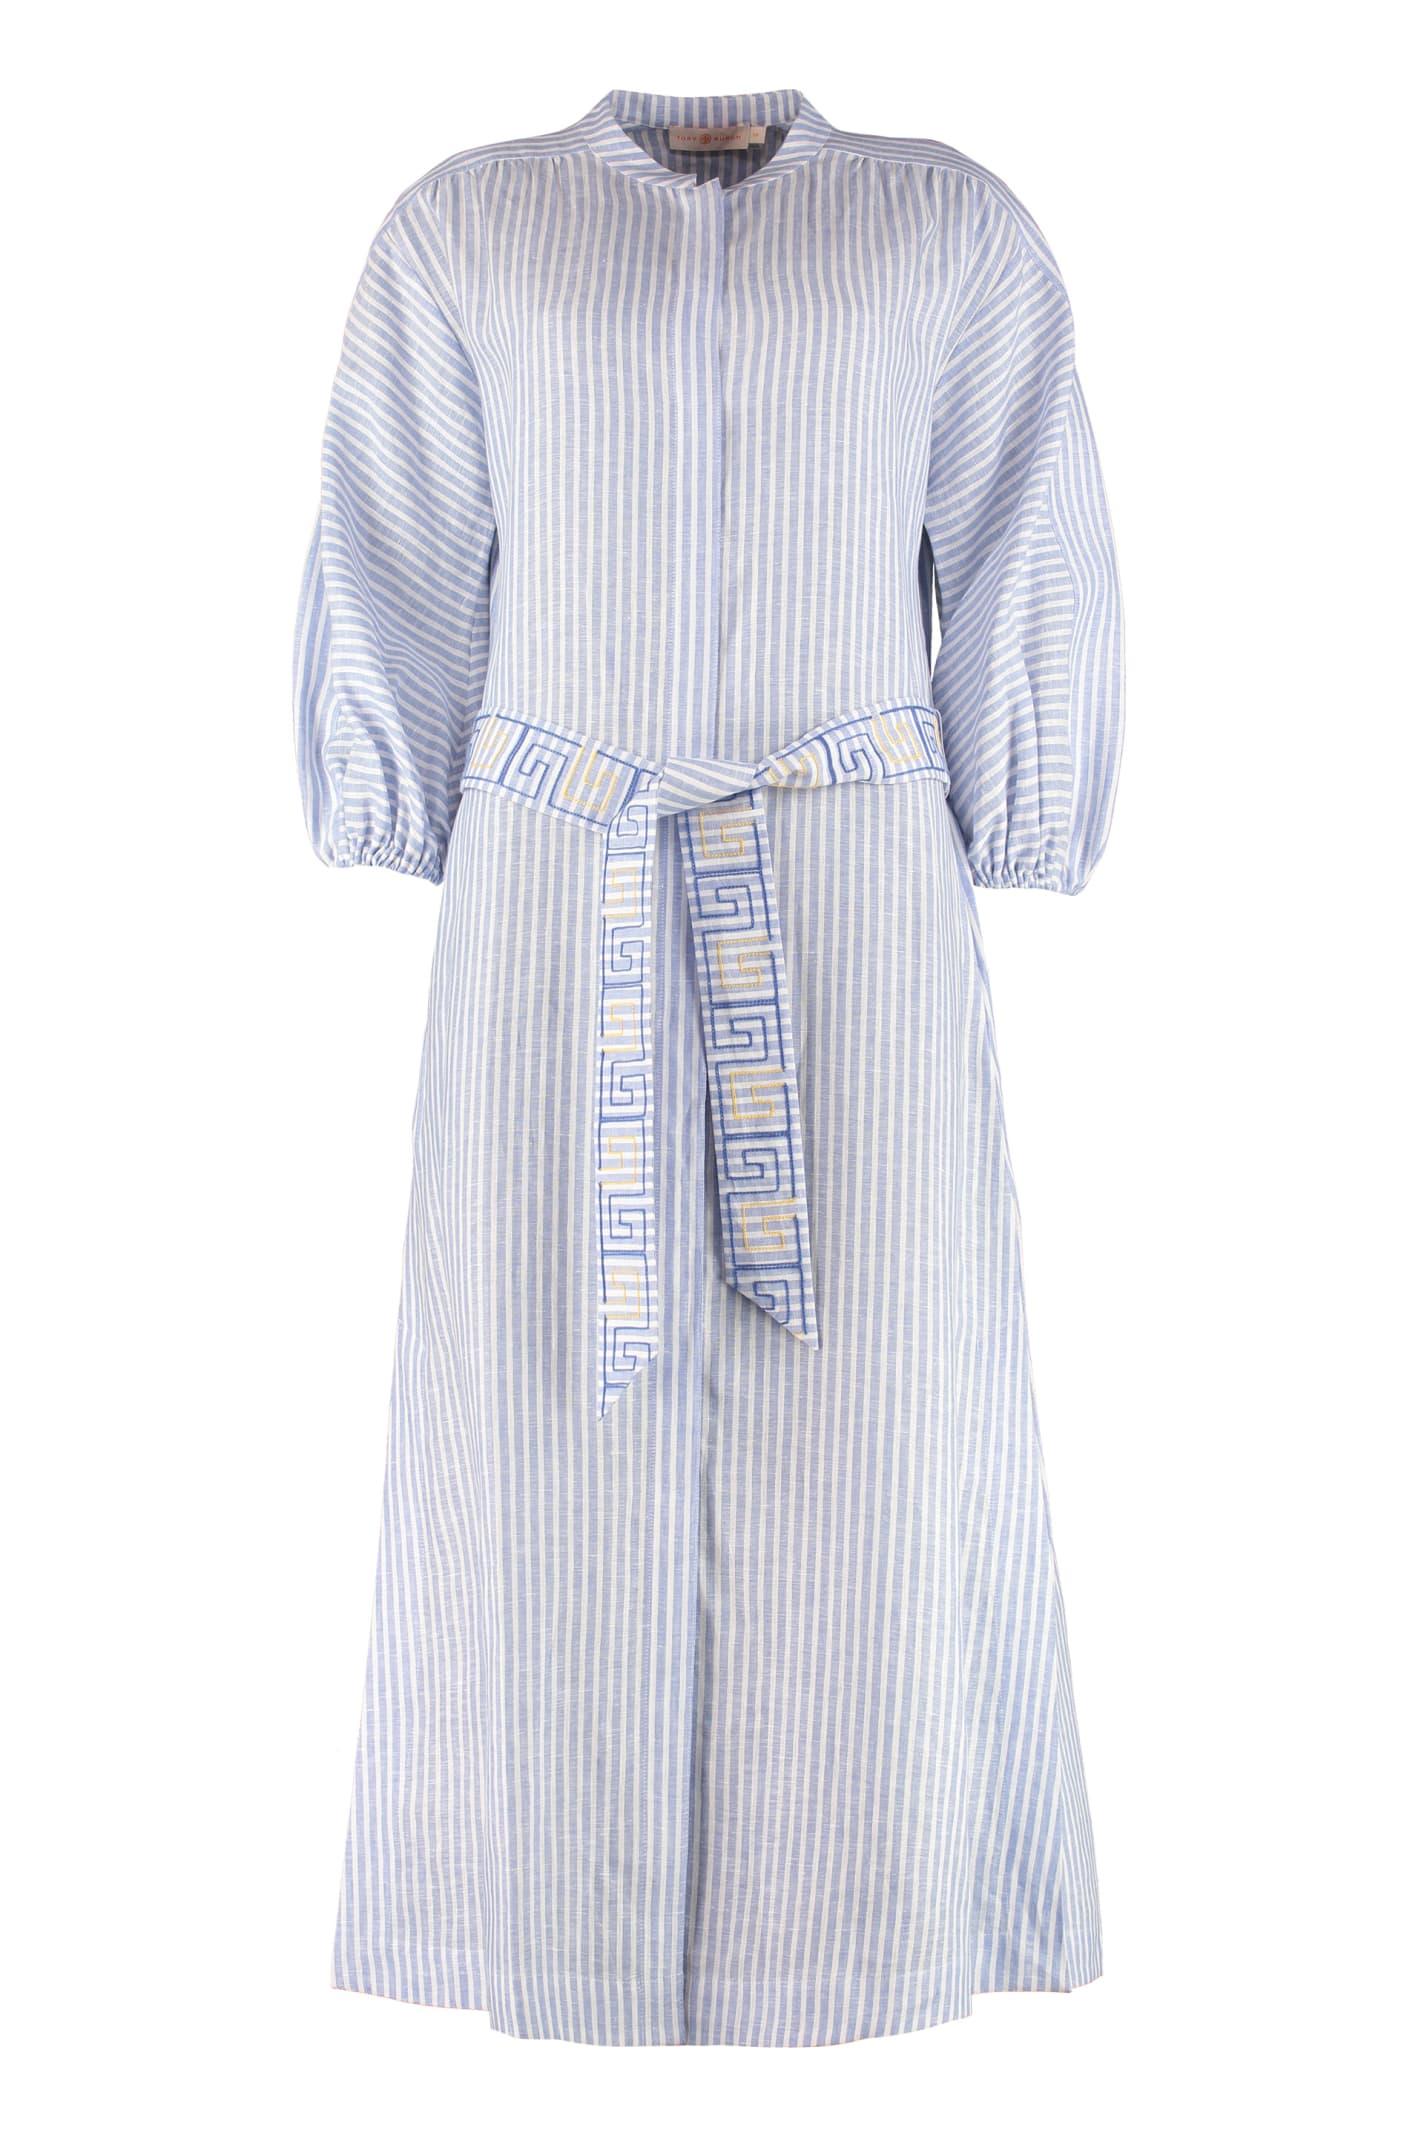 Buy Tory Burch Linen Maxi Dress online, shop Tory Burch with free shipping